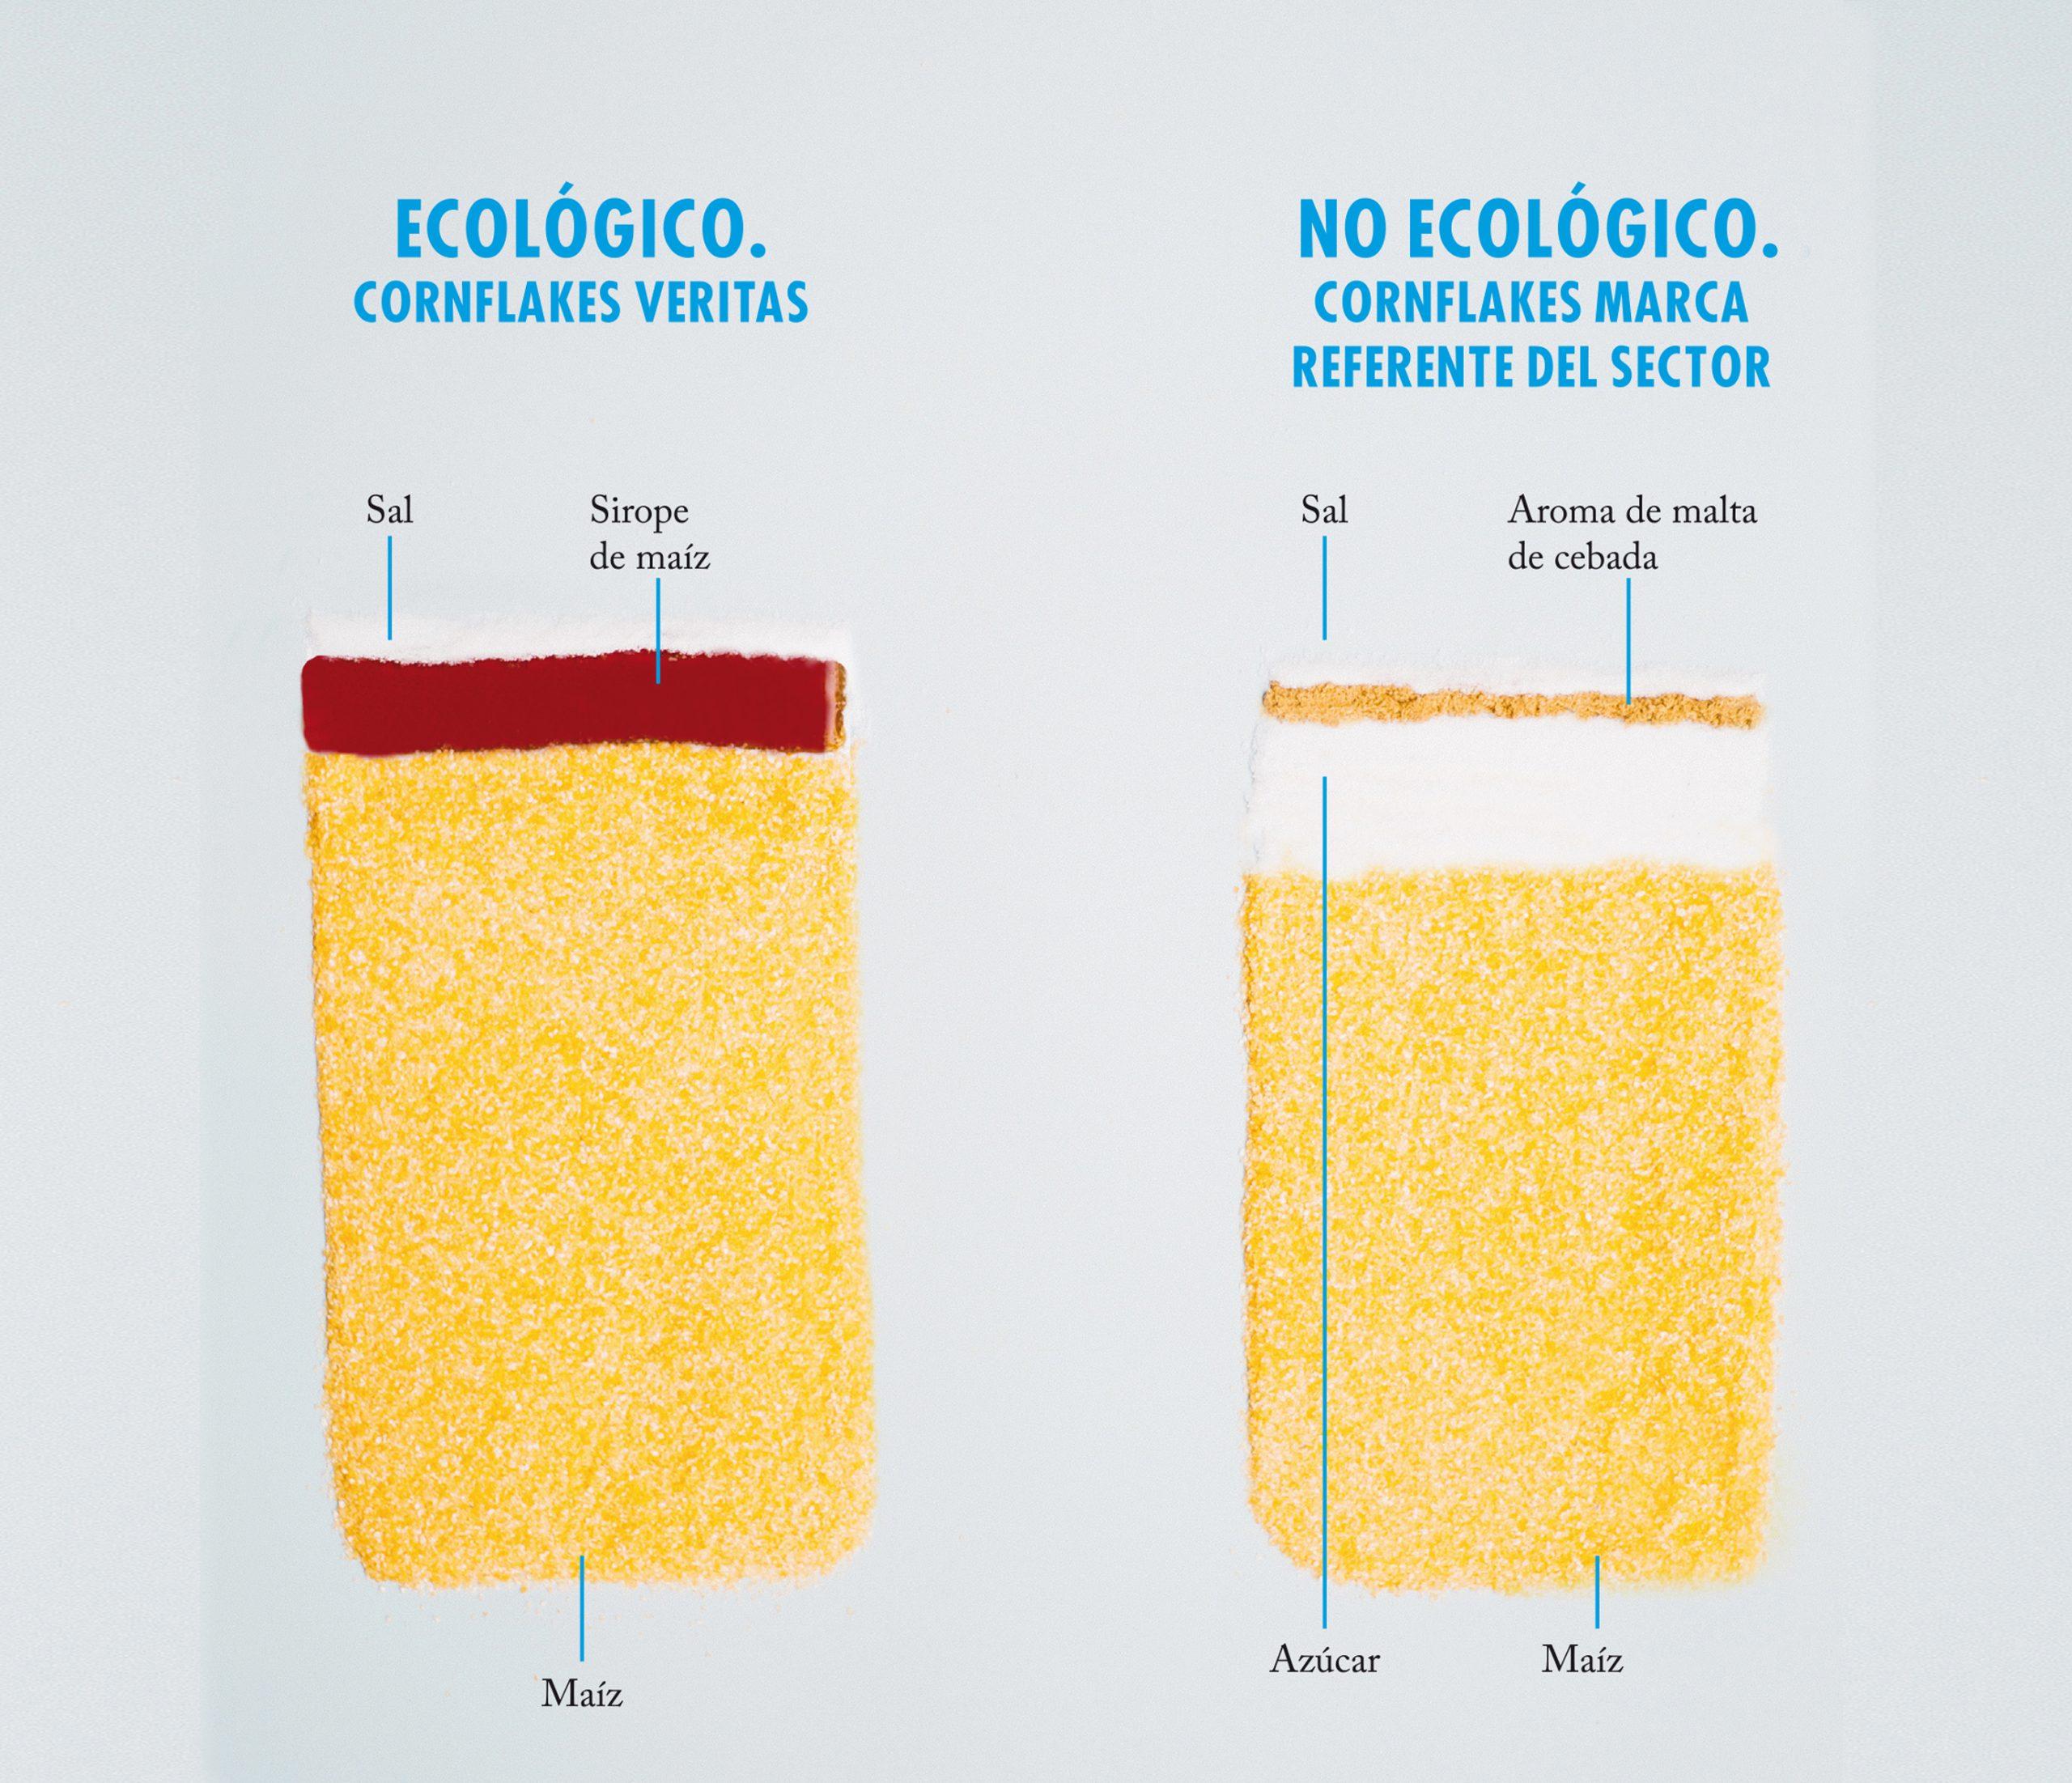 La etiqueta de unos cereales de desayuno ecológicos - Veritas